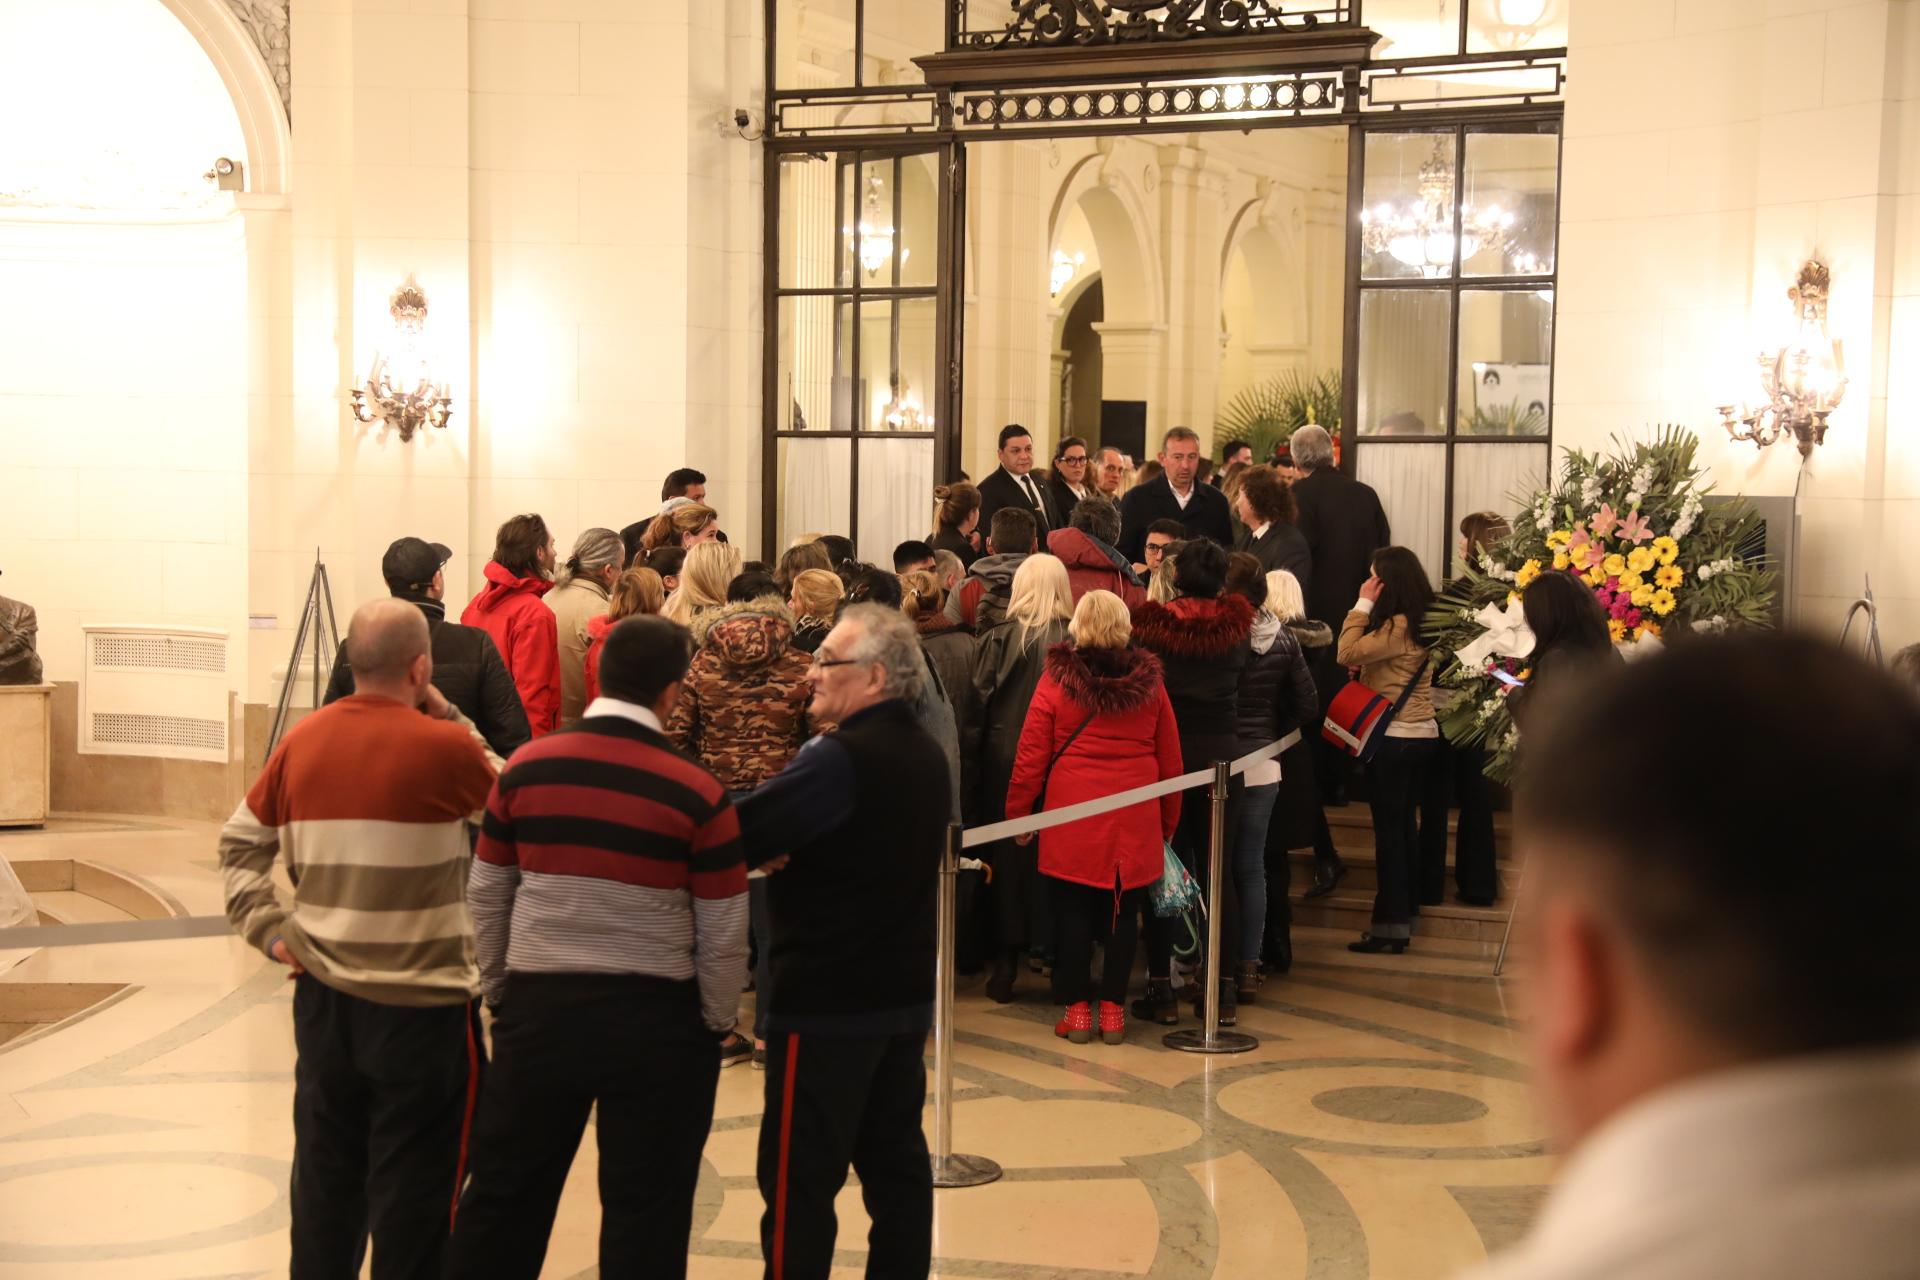 Una multitud le dan el último adiós al popular cantante Cacho Castaña (Foto: Teleshow/Chule Valerga)